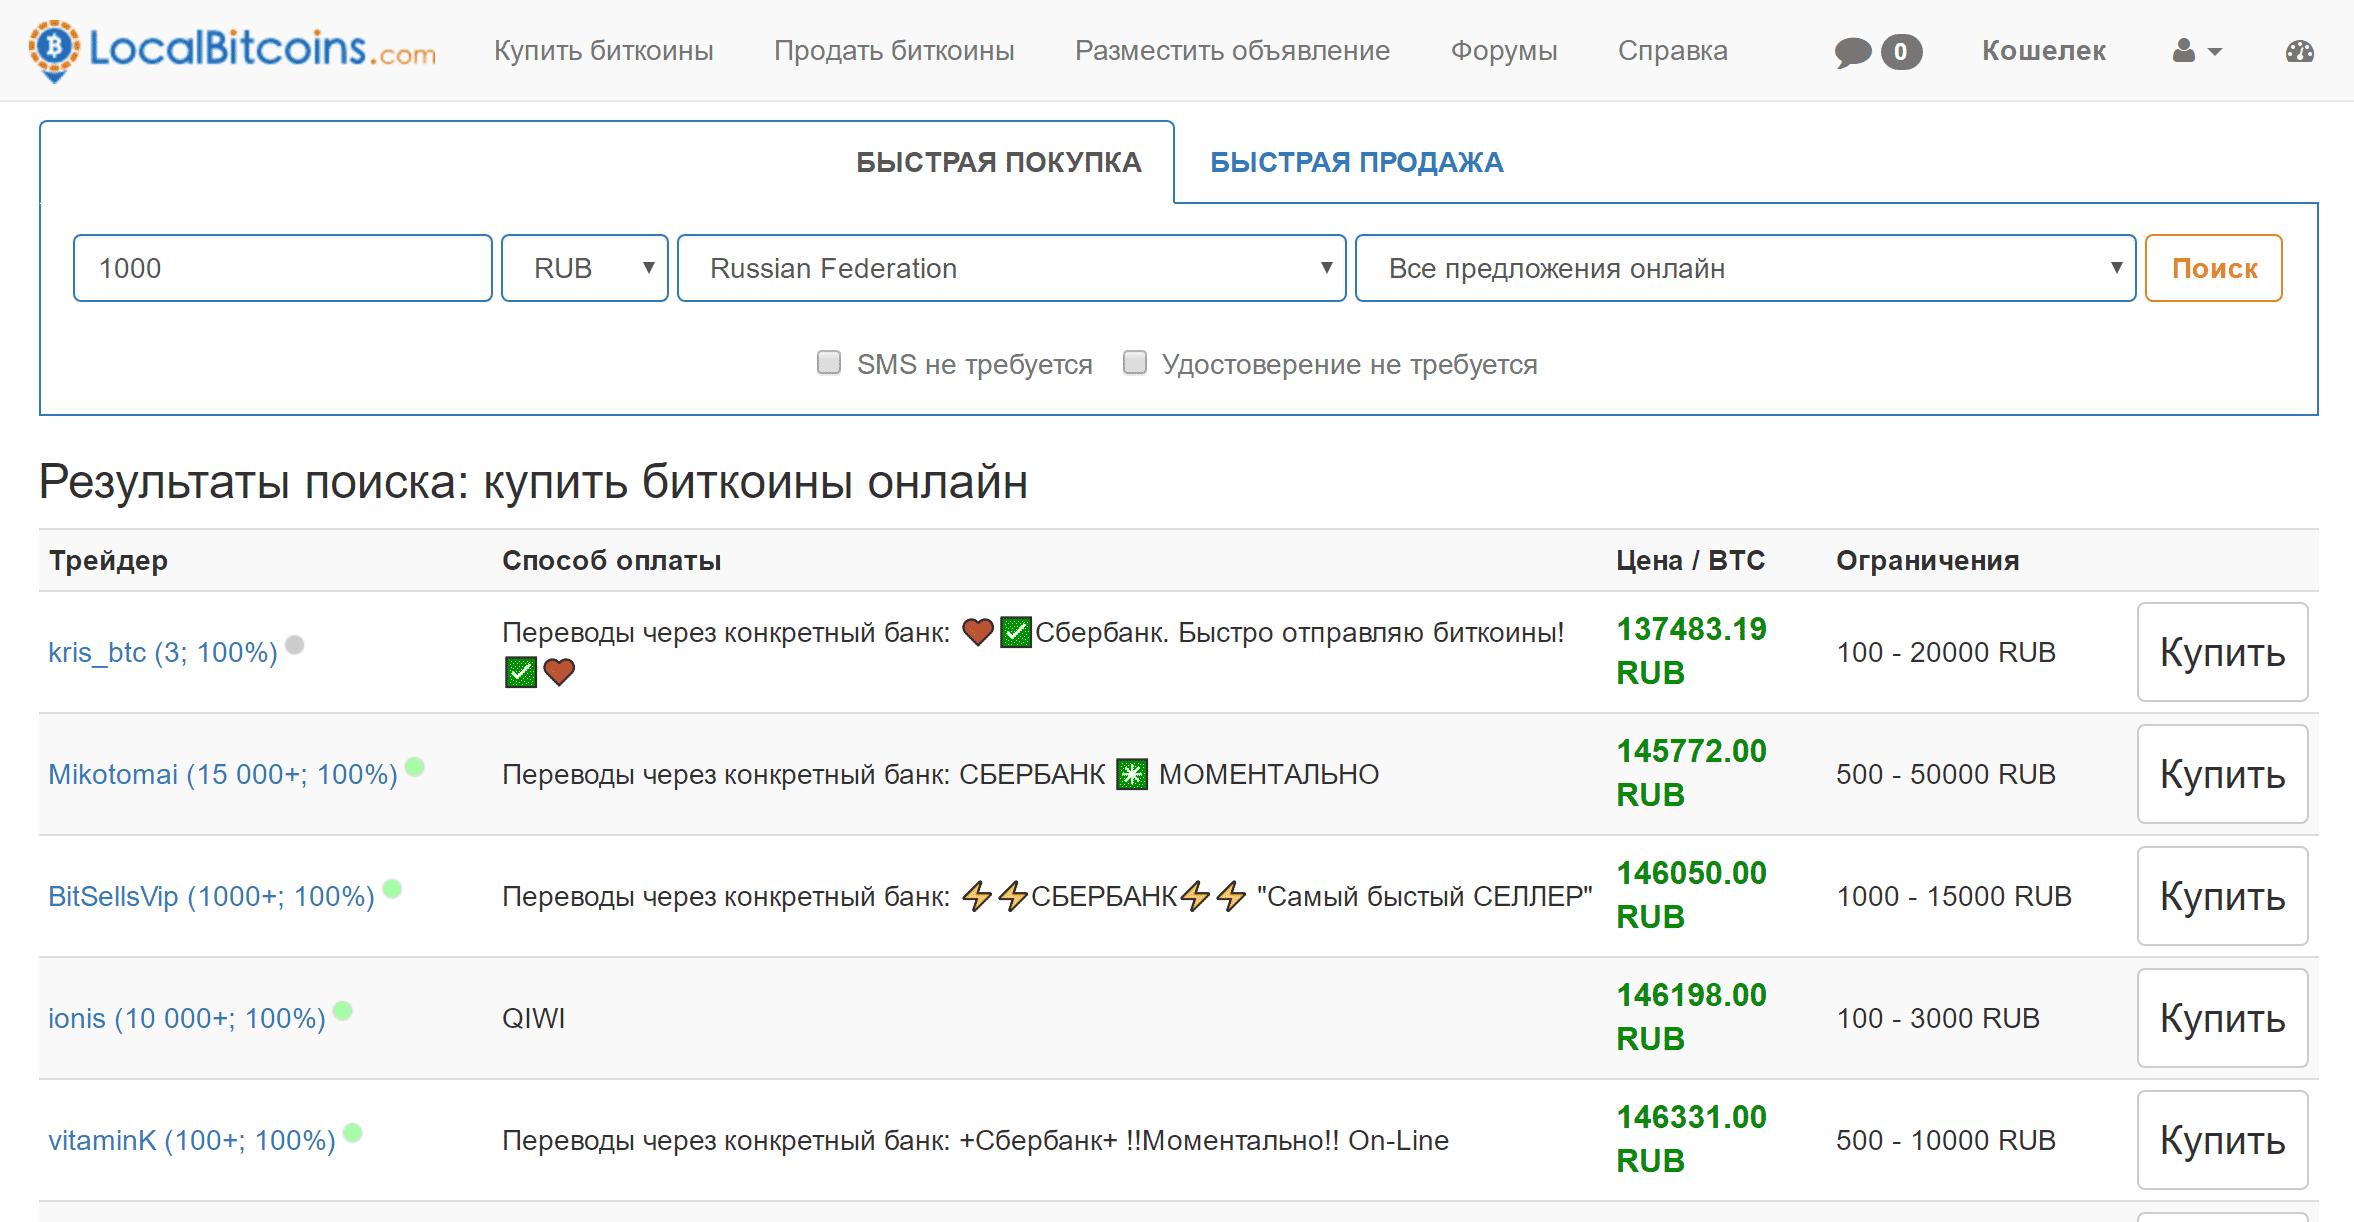 Adózni kell a Bitcoinok után - Adó Online